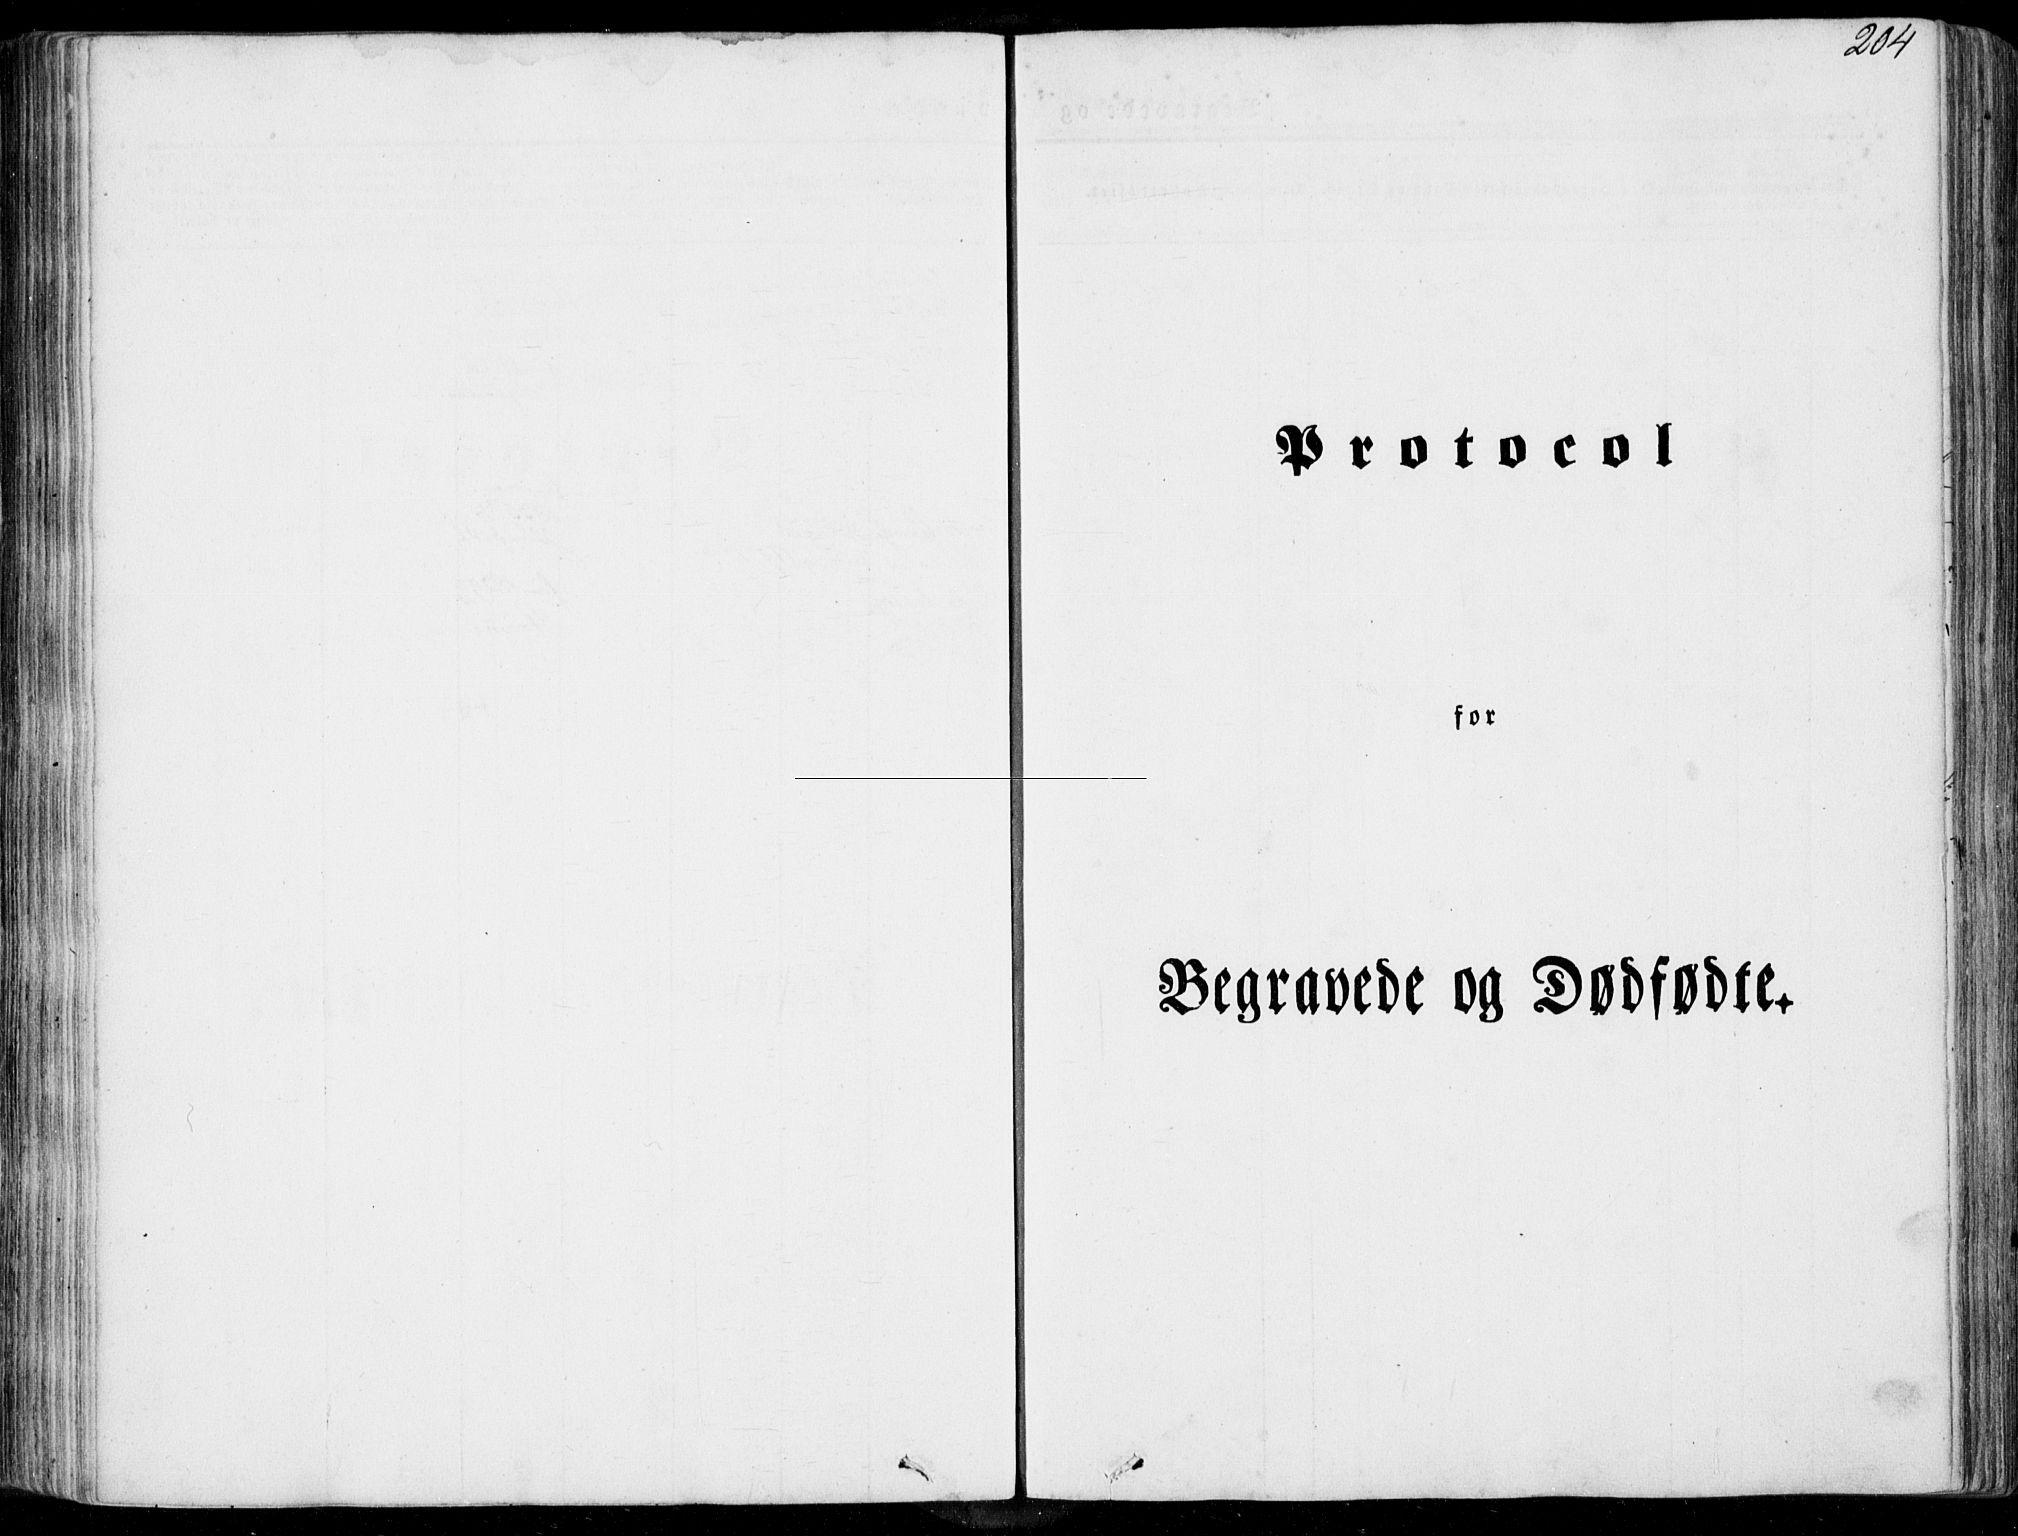 SAT, Ministerialprotokoller, klokkerbøker og fødselsregistre - Møre og Romsdal, 536/L0497: Ministerialbok nr. 536A06, 1845-1865, s. 204